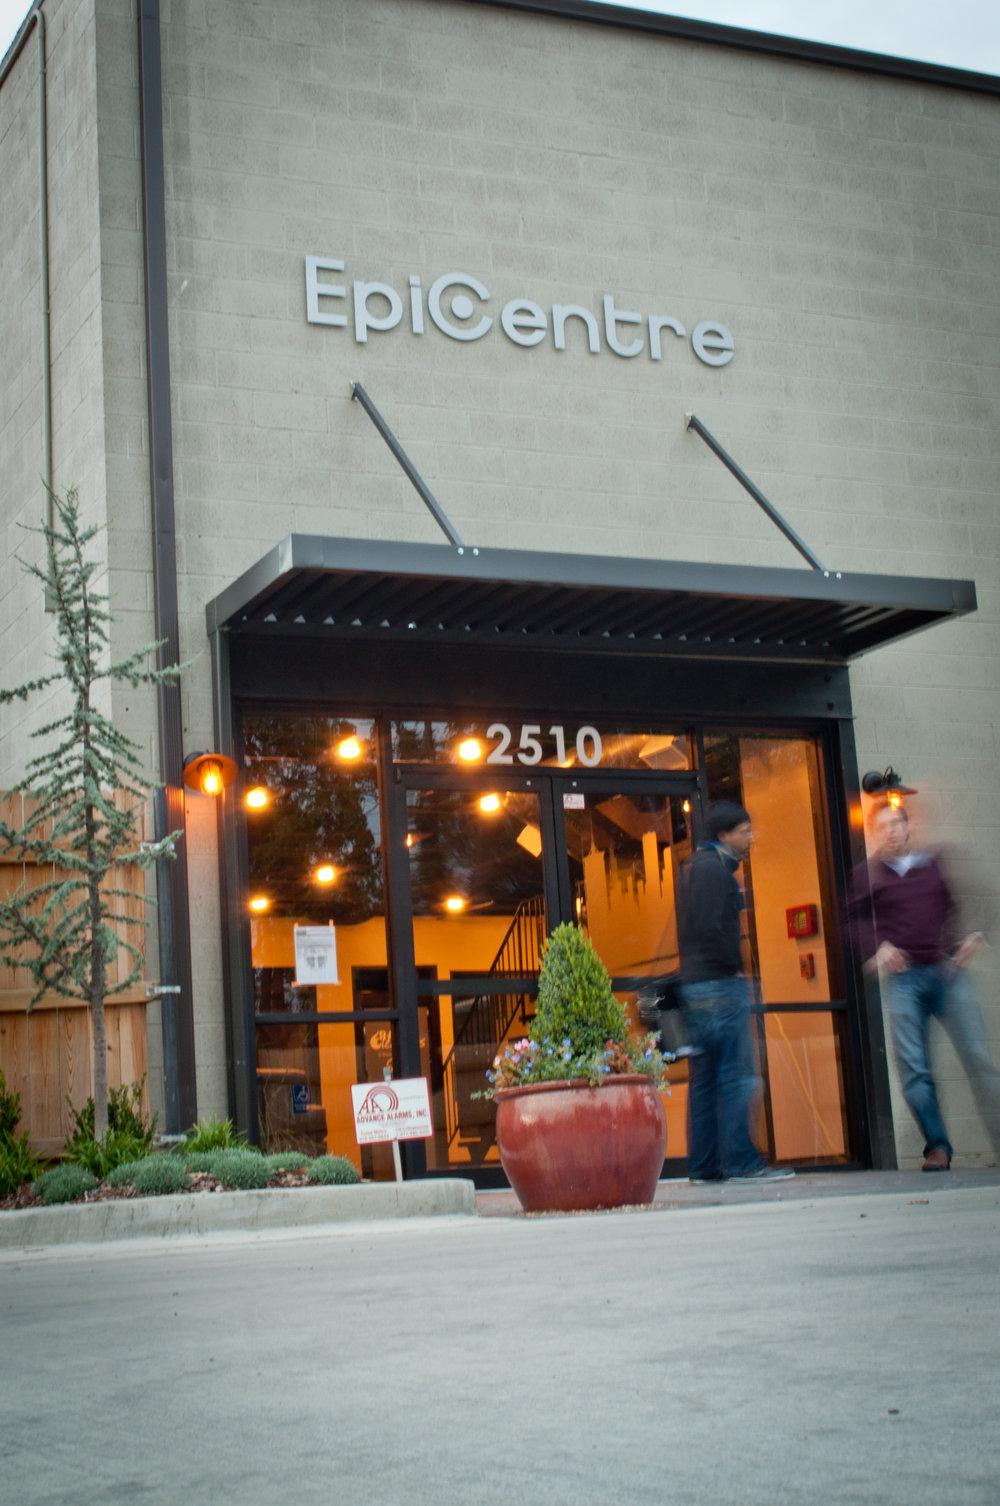 Epicenter-4989.jpg